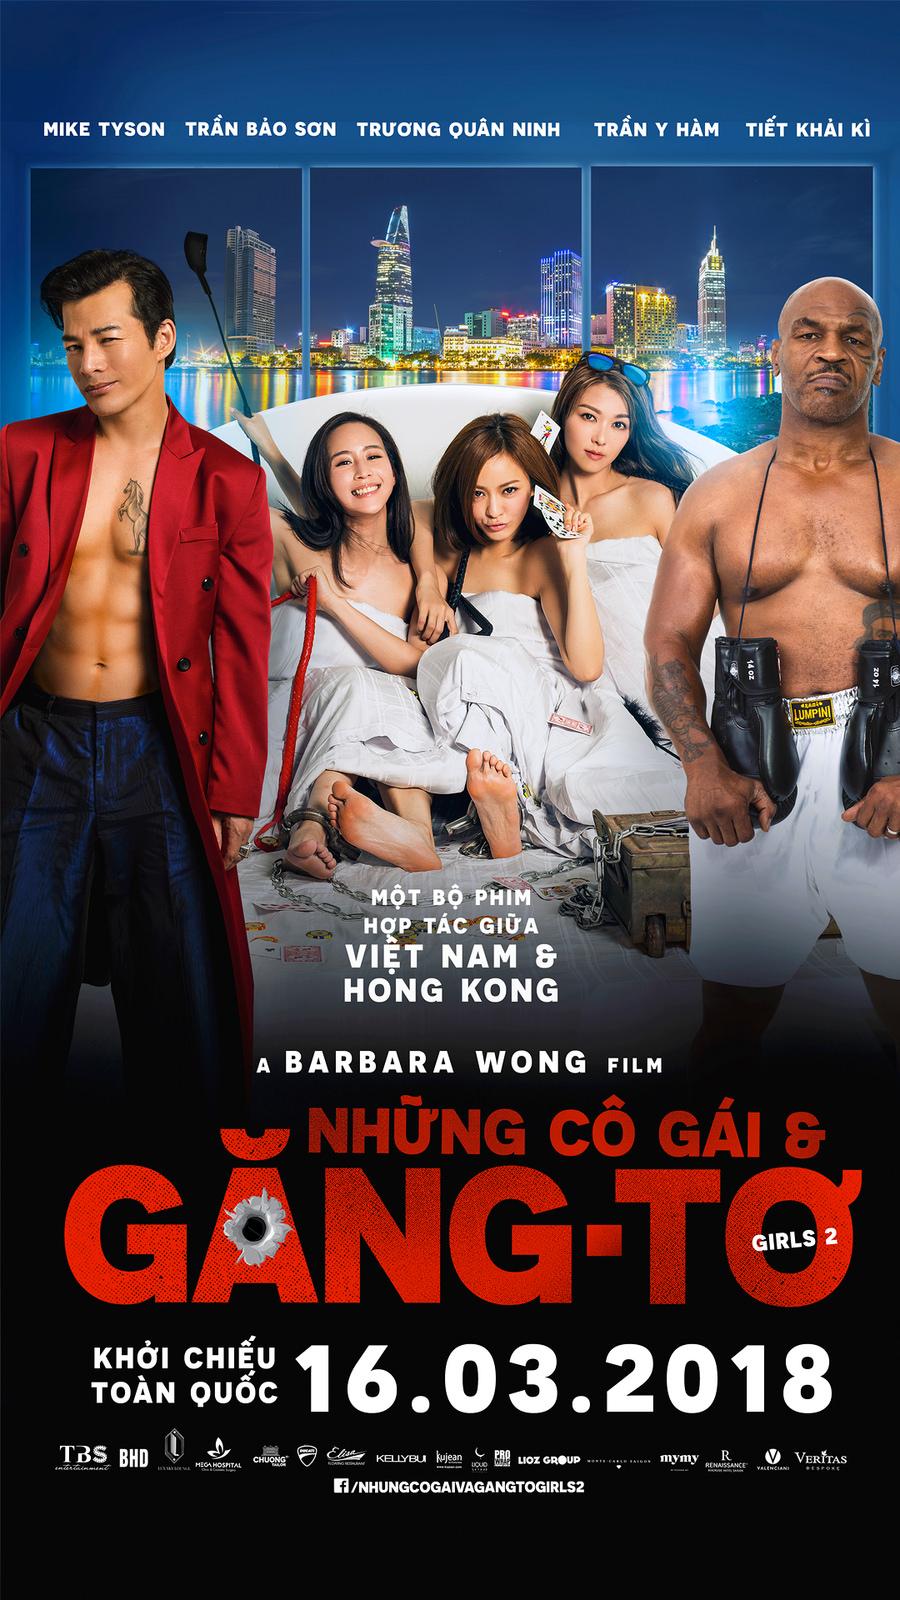 Girls 2 Những Cô Gái Và Gangster